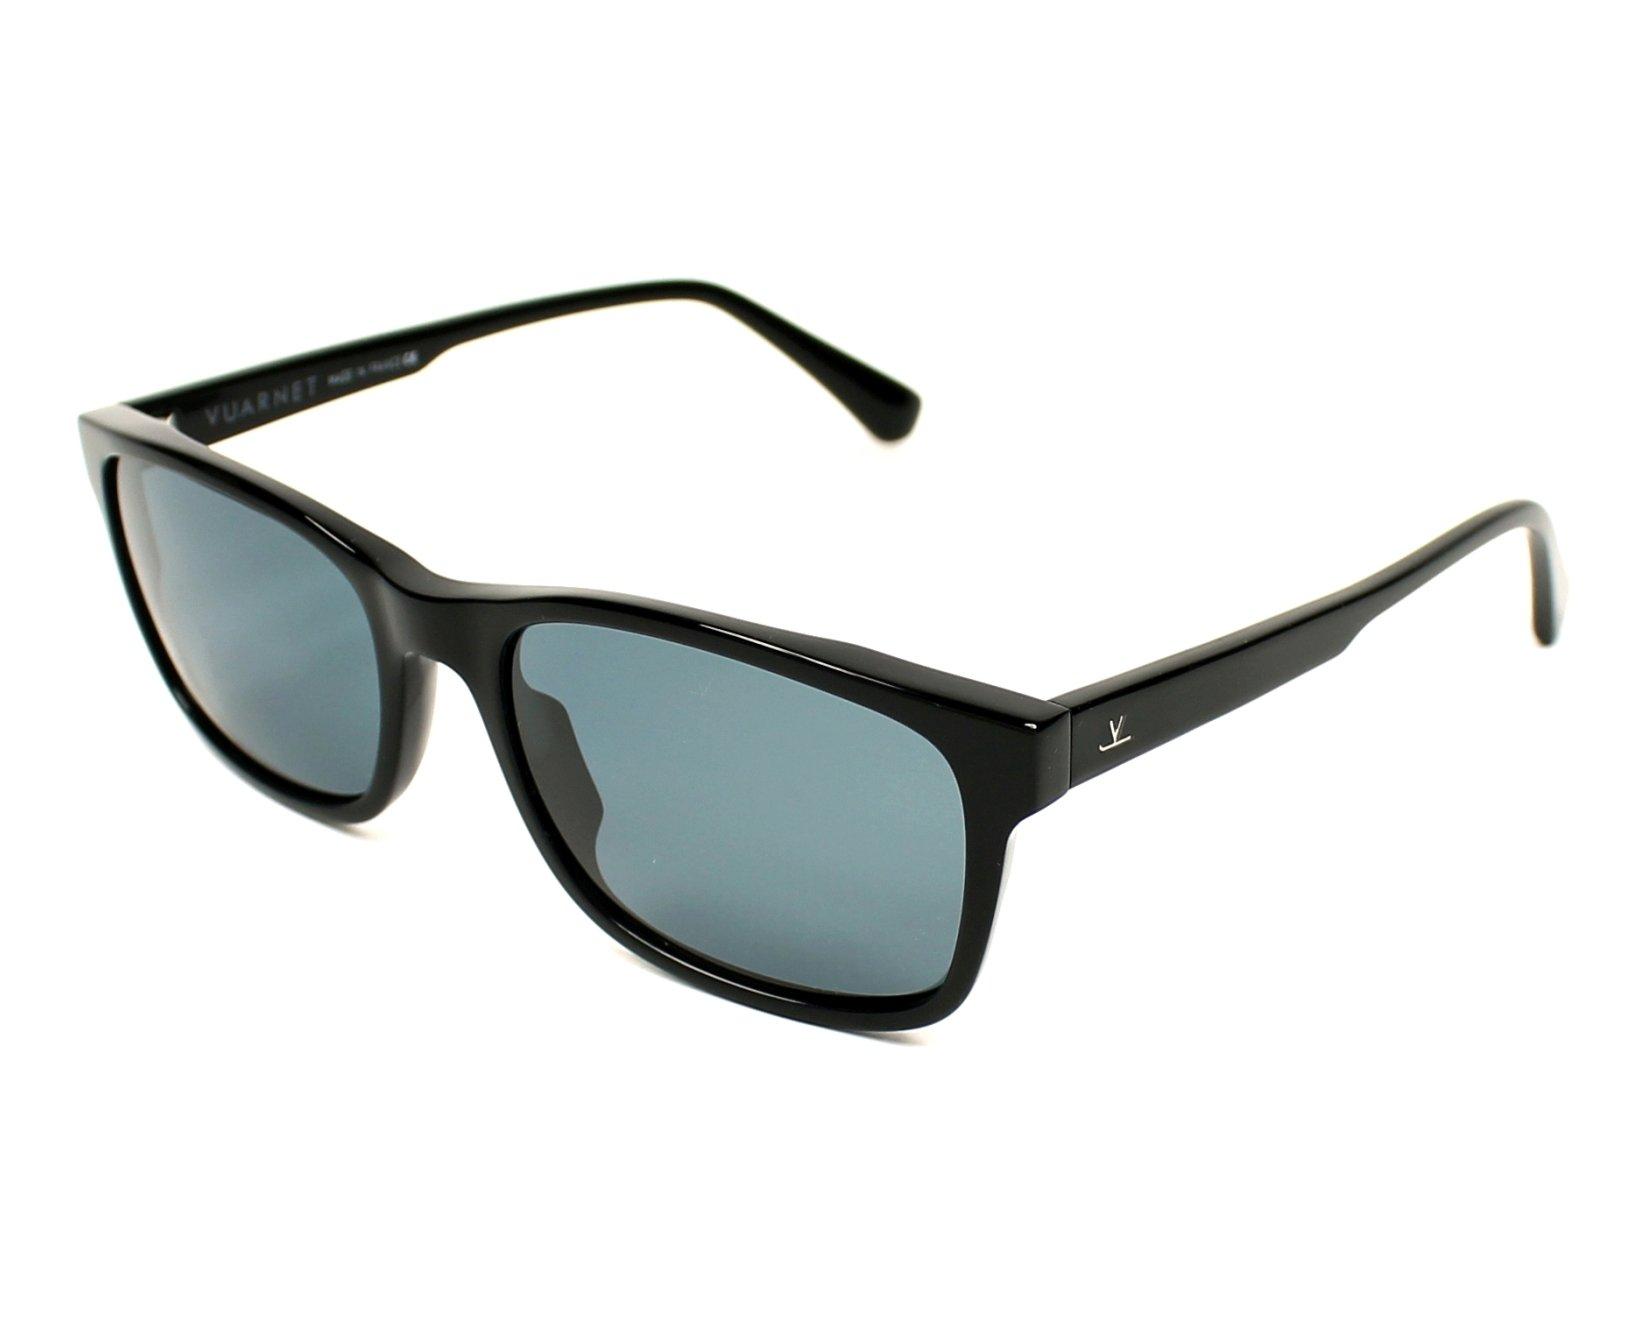 4c7e10be73b Polarized. Sunglasses Vuarnet VL-1617 0001-0622 - Black profile view